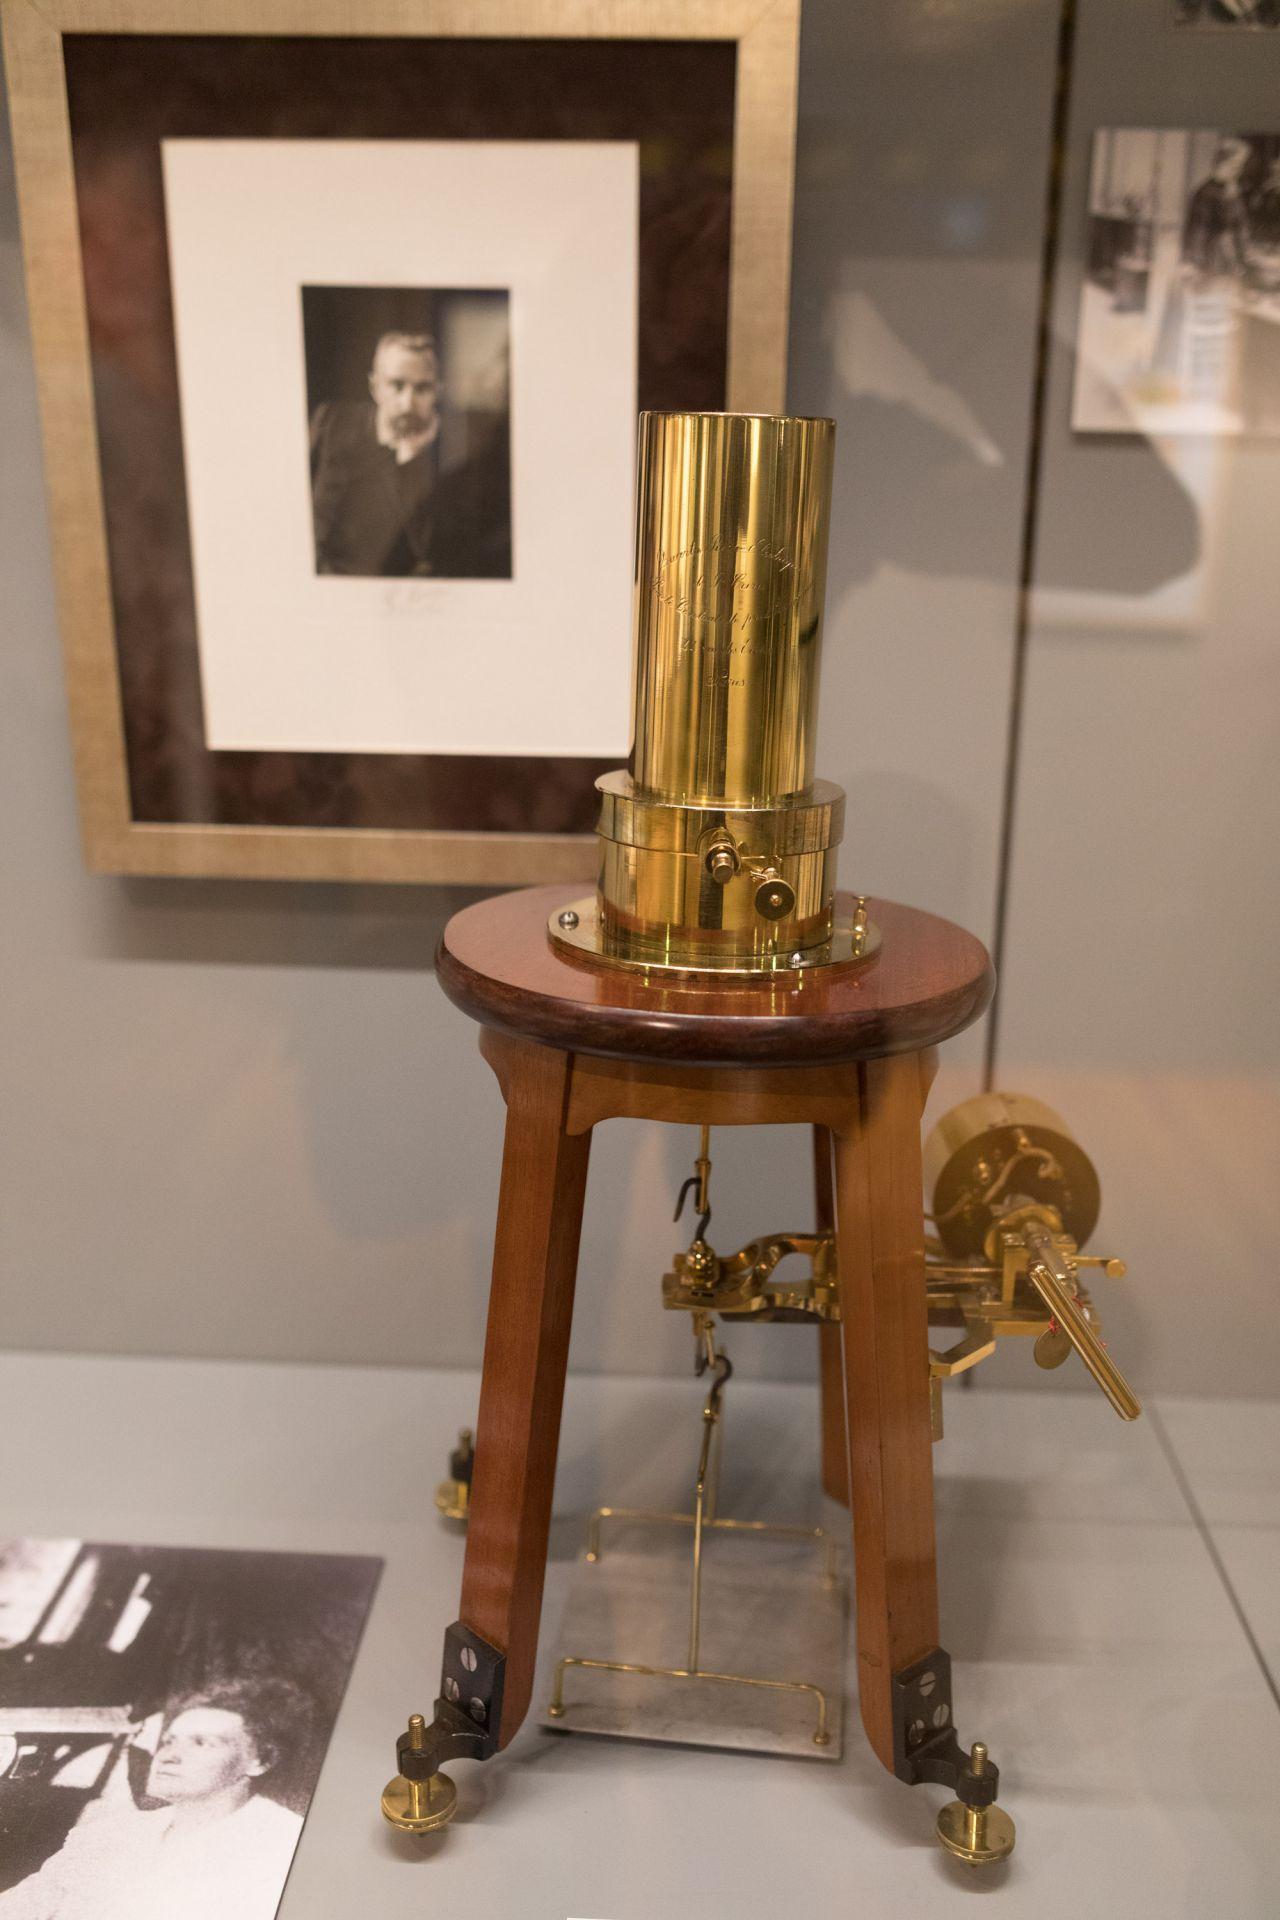 Cuarzo piezoeléctrico de Pierre Curie.